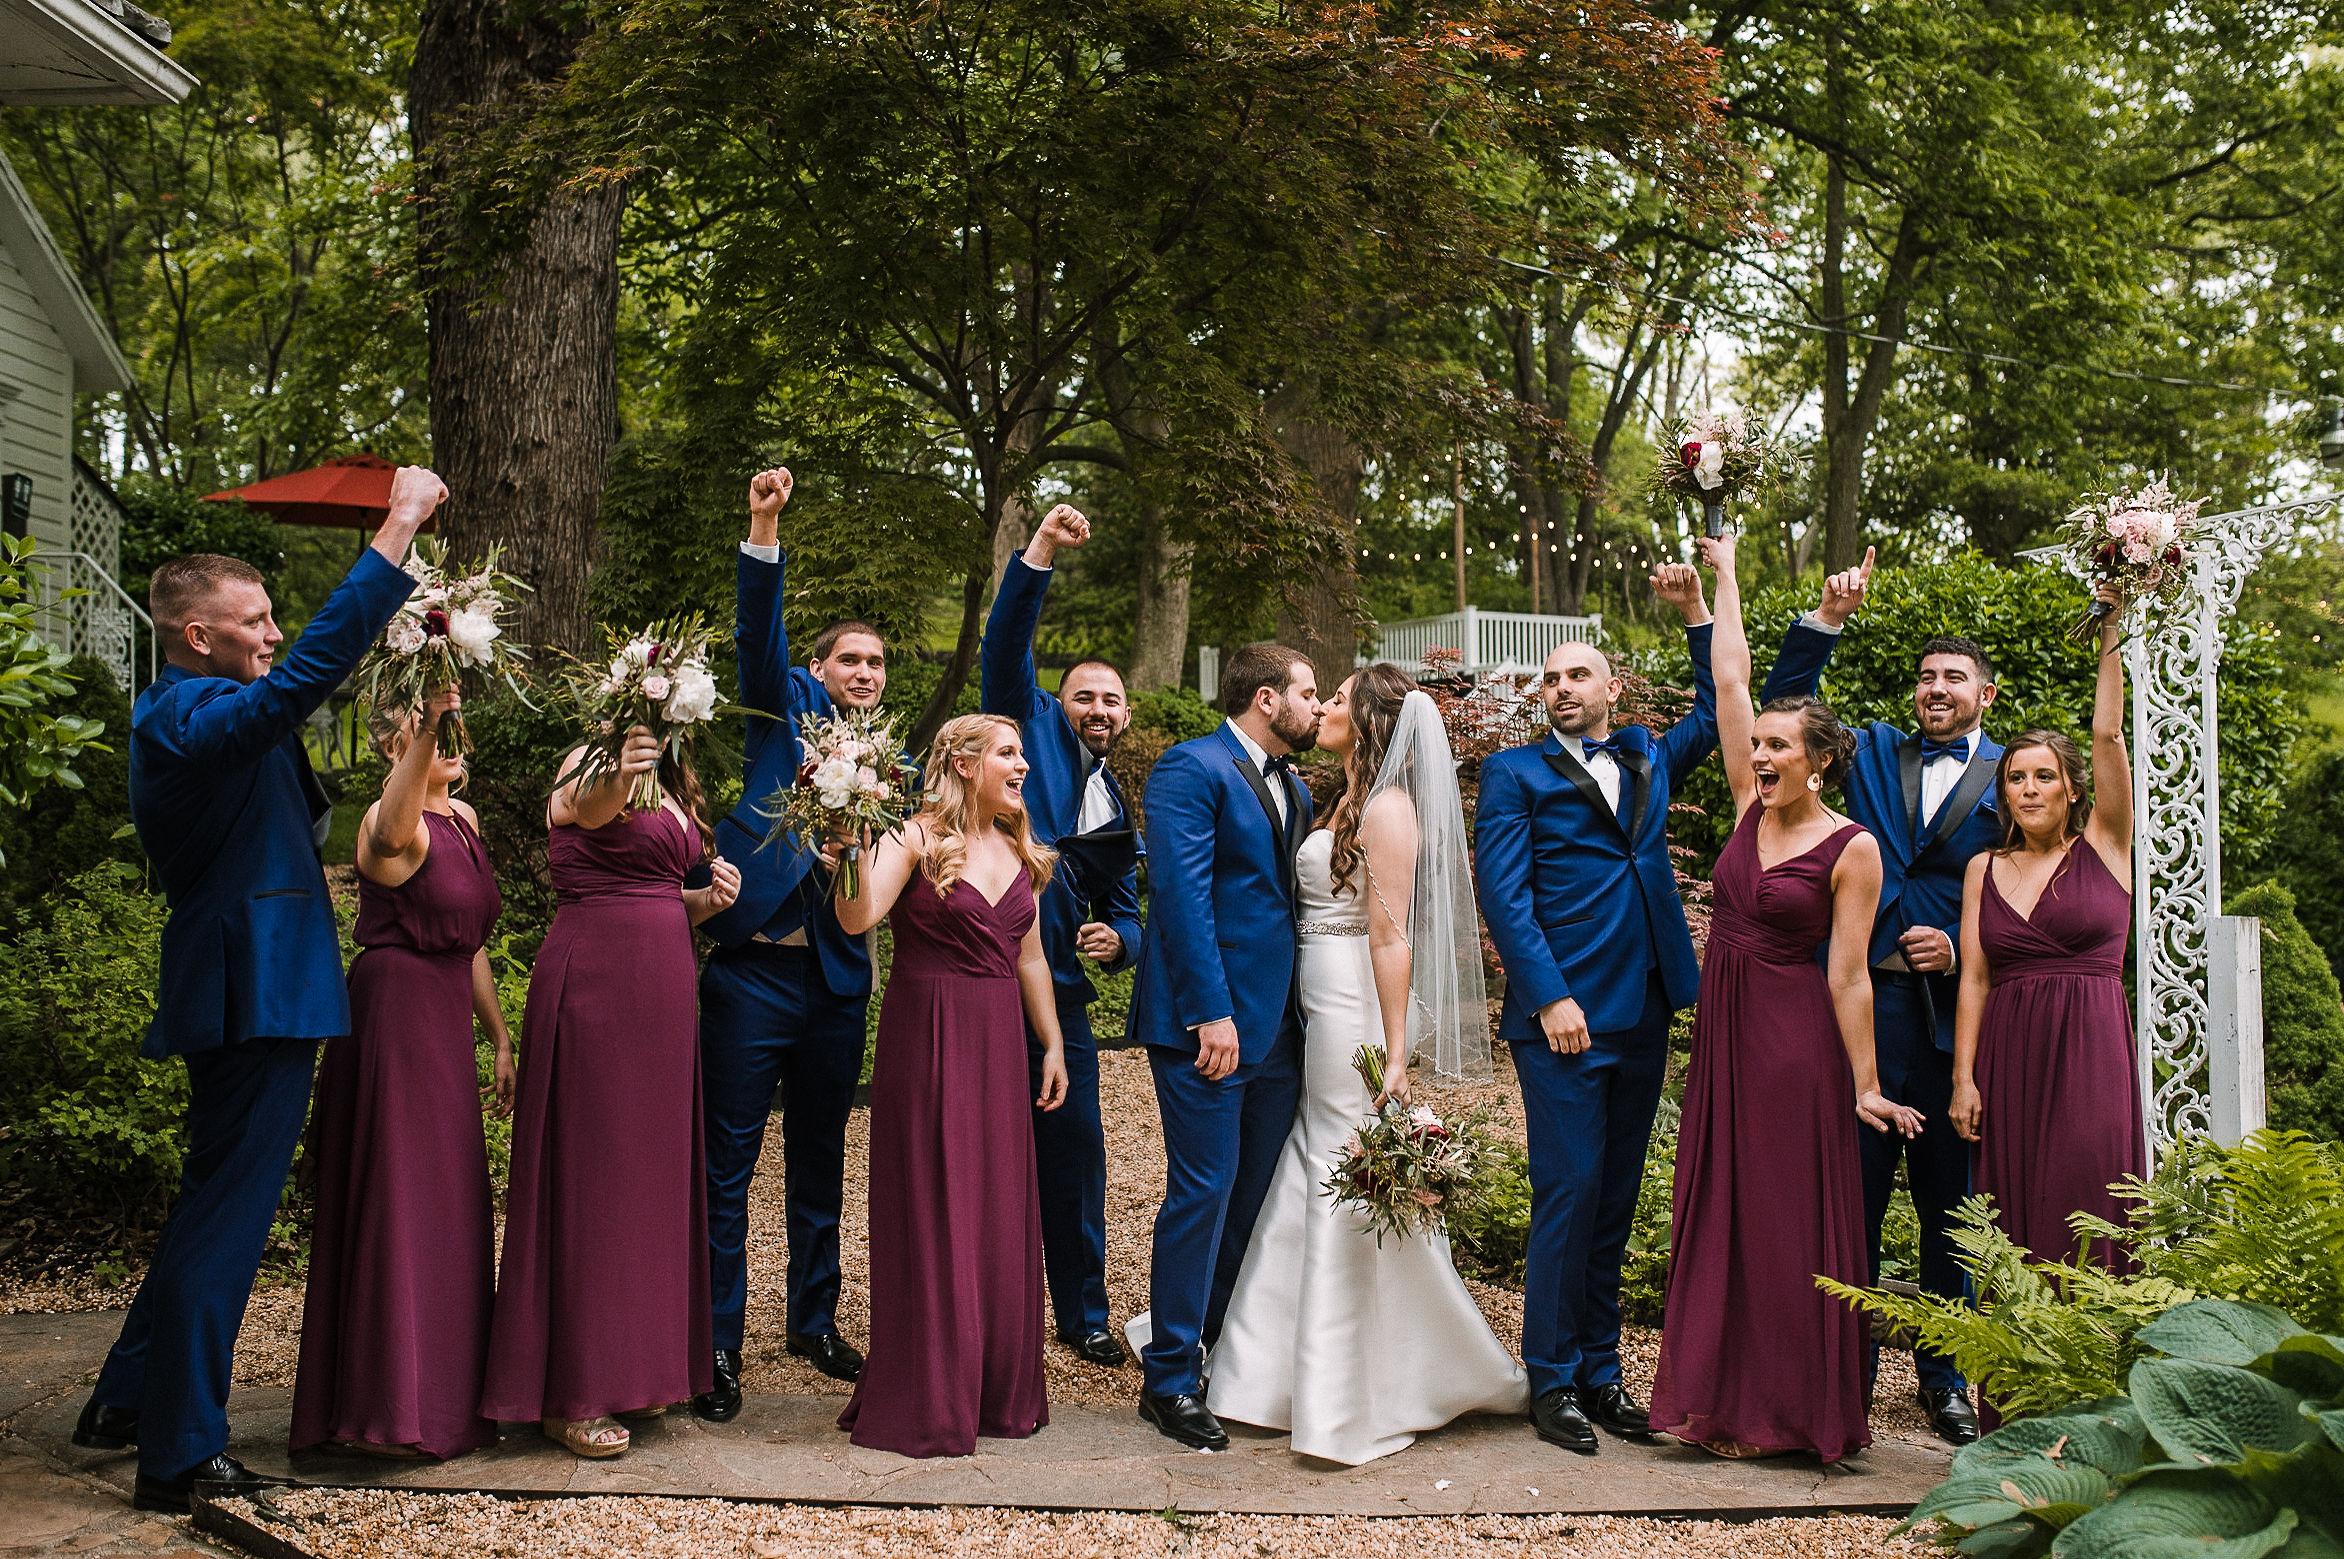 wedding party cheering as bride and groom kiss at Seasons at Magnolia Manor